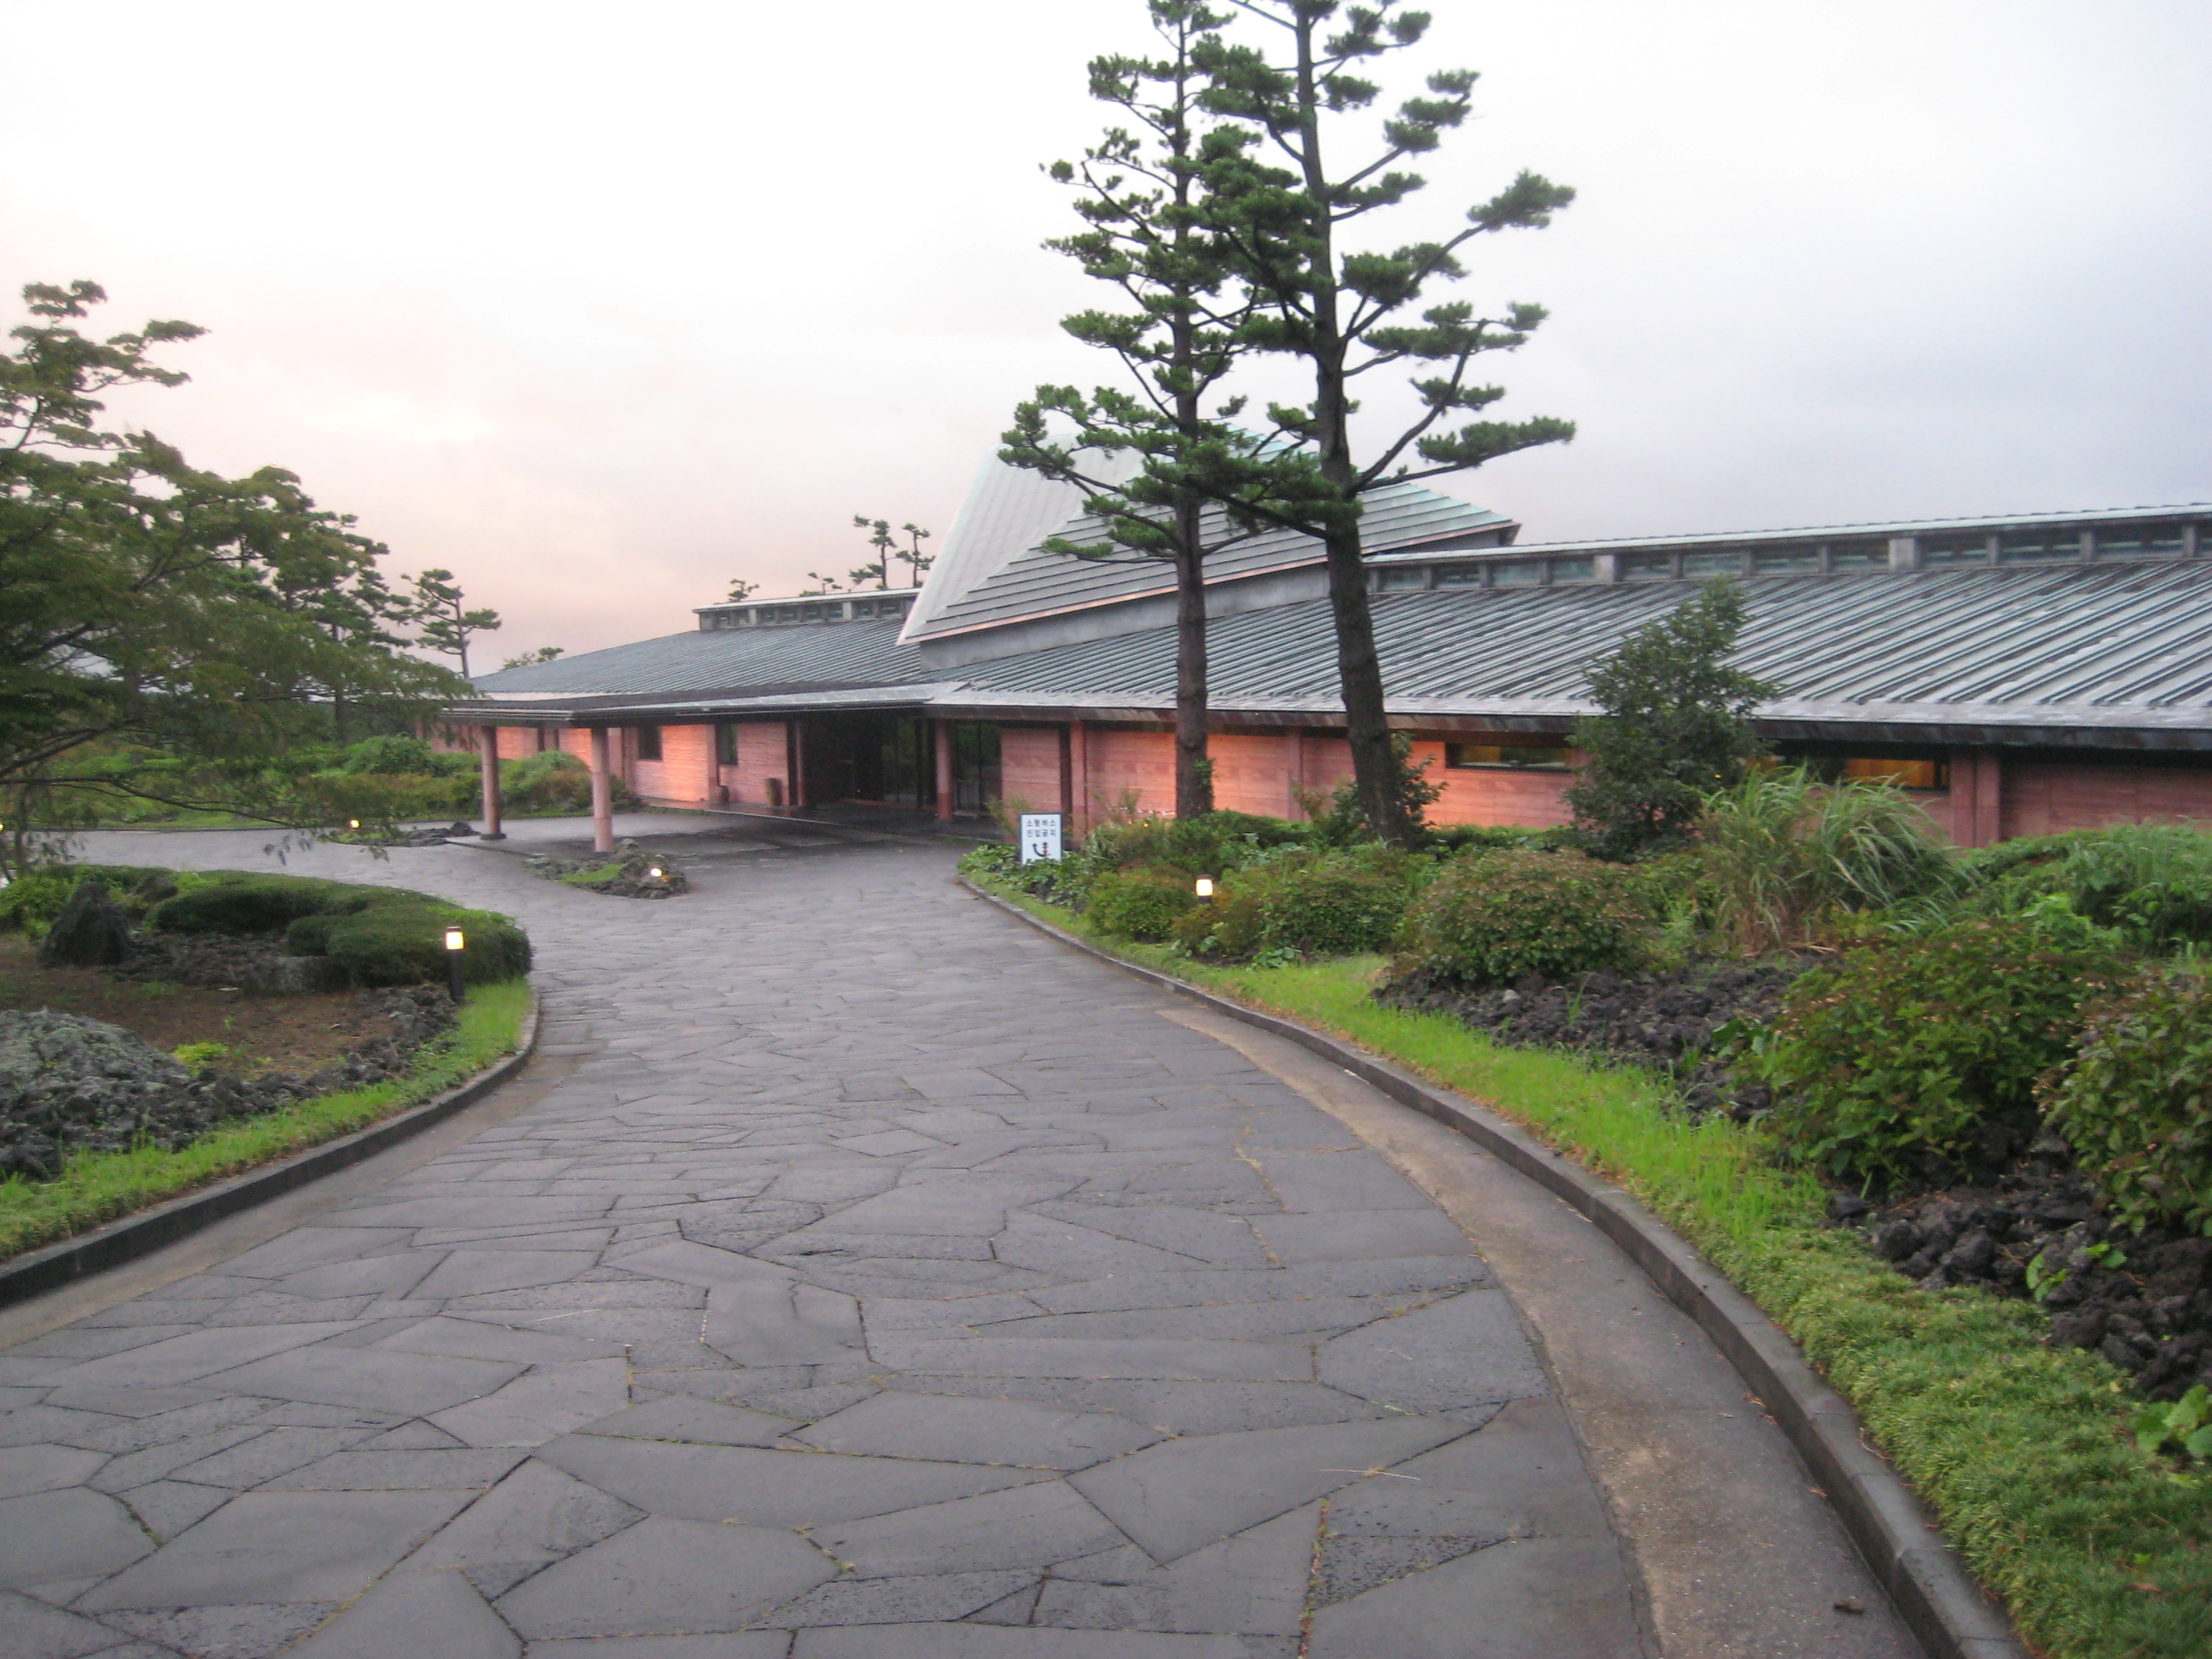 済州島 建築視察8 PINXメンバーズゴルフクラブ